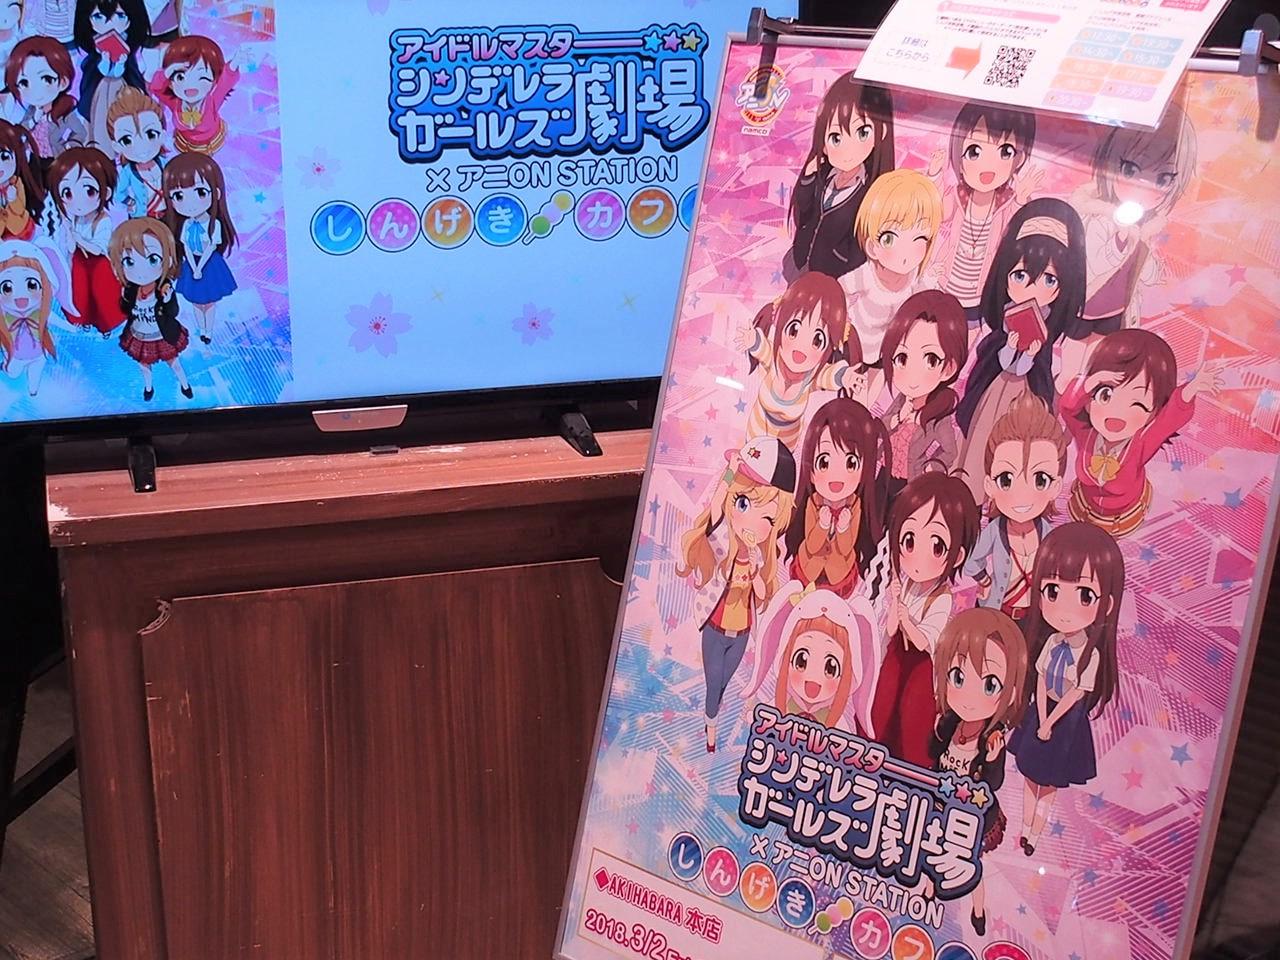 3月2日から絶賛開催中!「アイドルマスター シンデレラガールズ劇場×アニON STATIONしんげきカフェ2」はシンデレラガールズの楽曲を楽しめるカフェだった